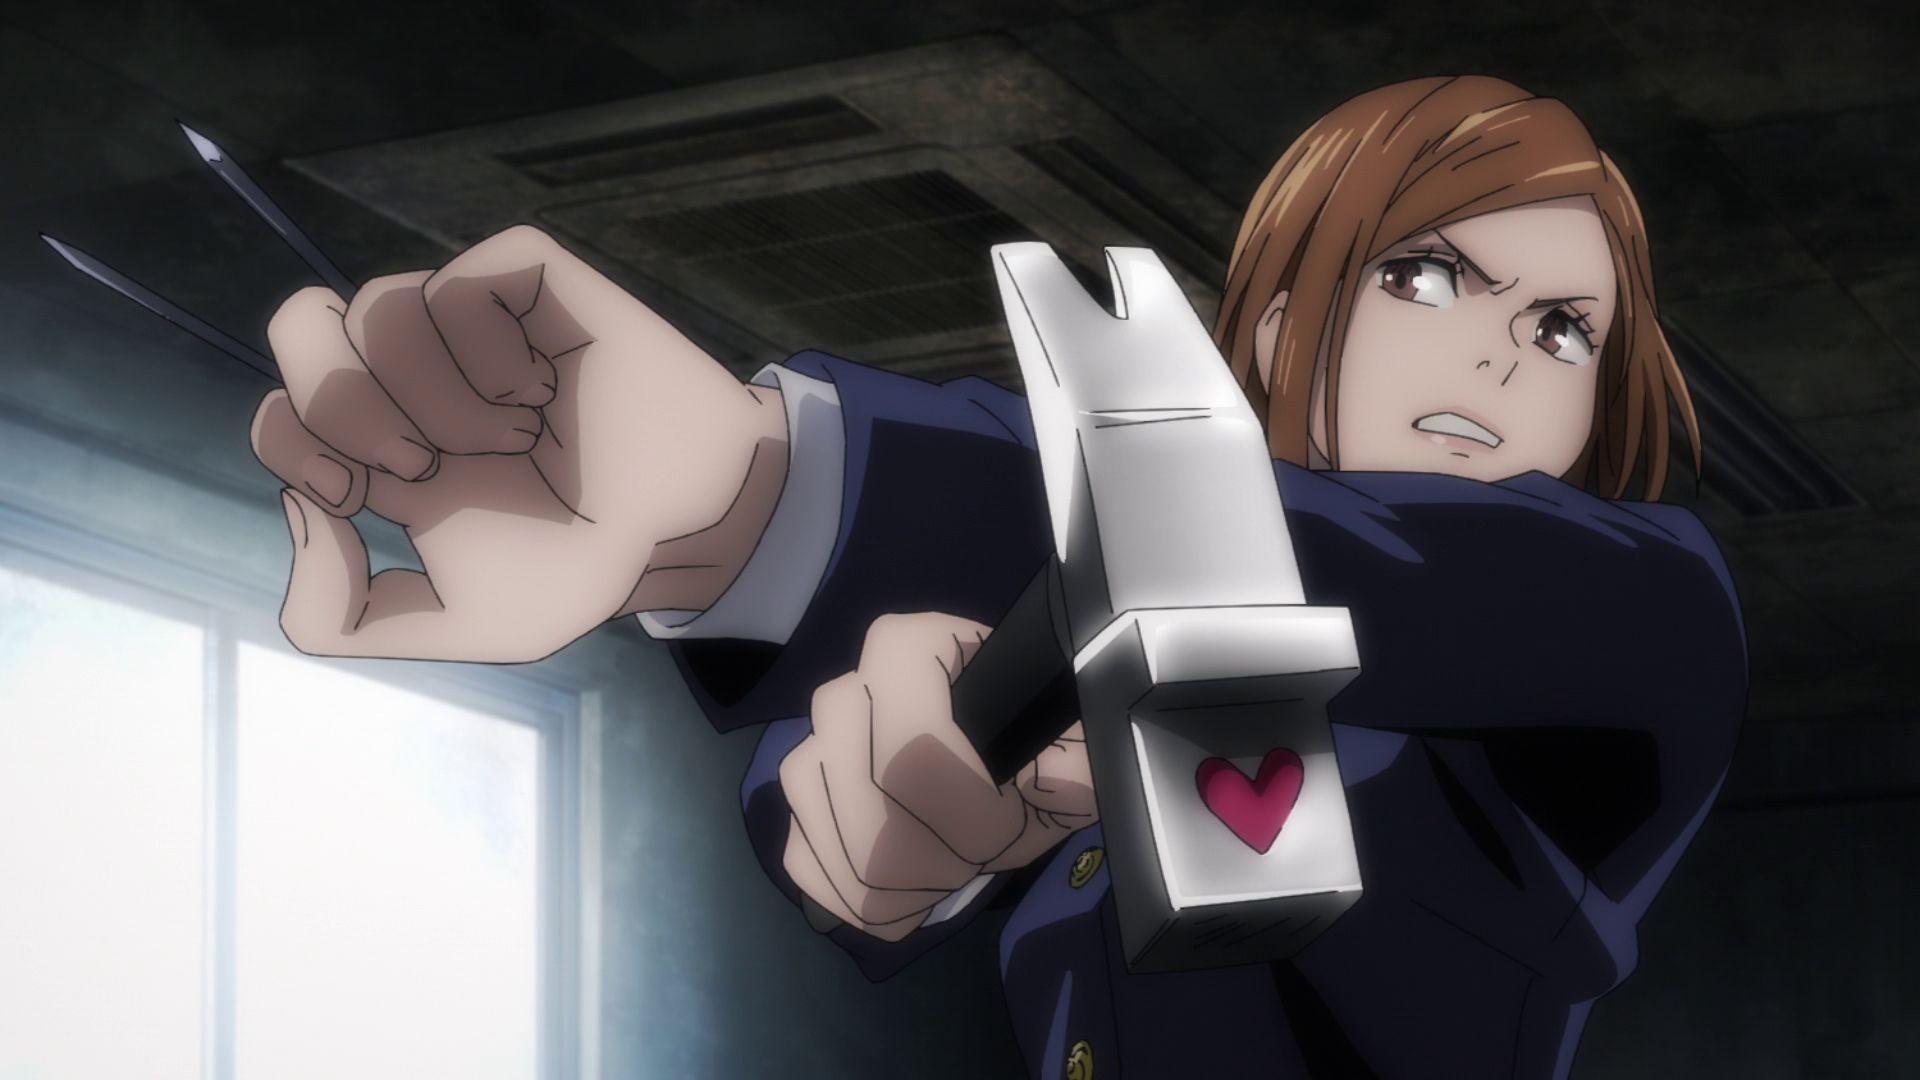 Jujutsu Kaisen — s01e03 — Girl of Steel